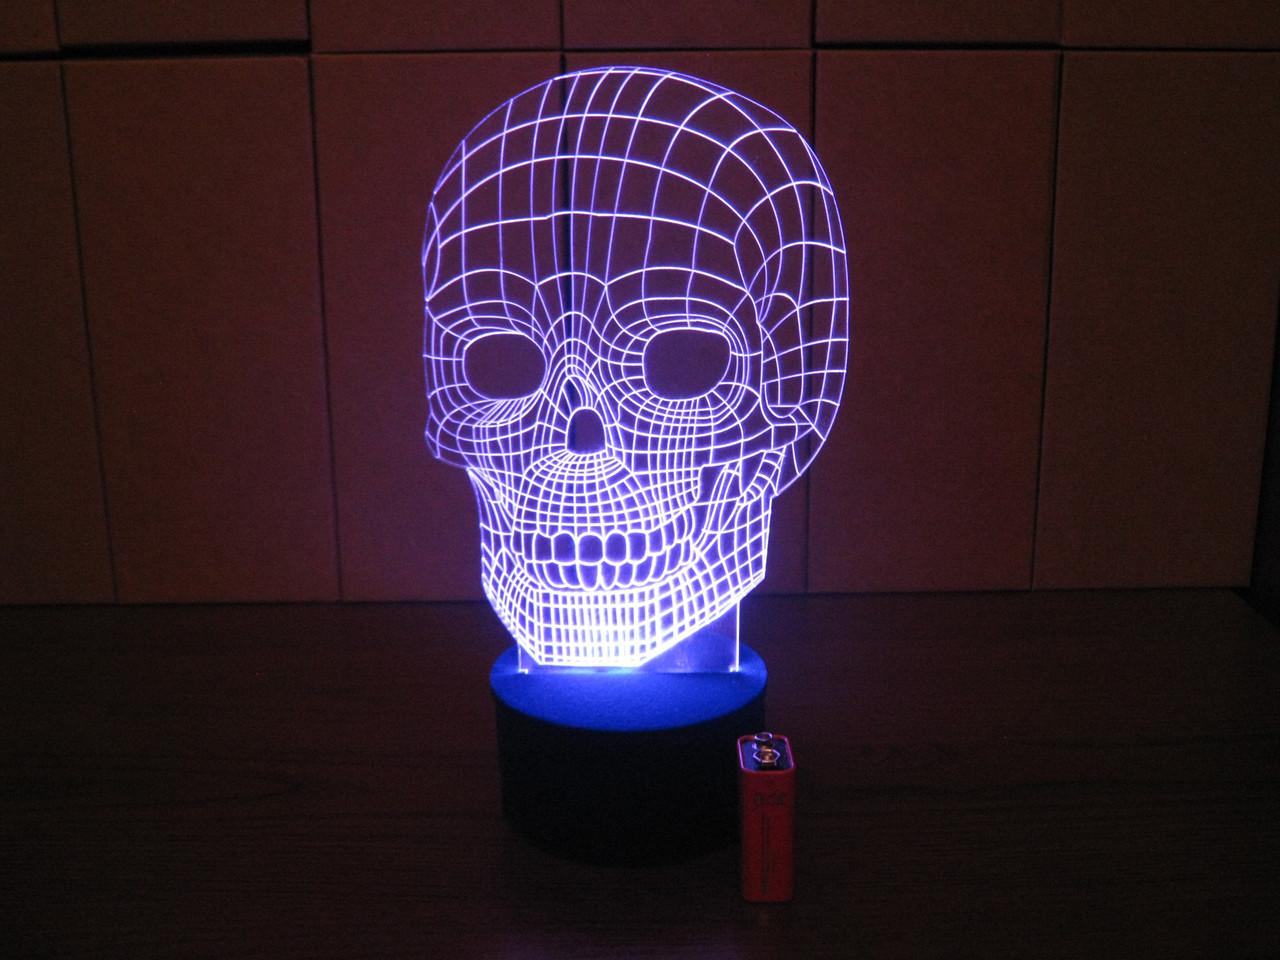 3d-светильник Череп, 3д-ночник, несколько подсветок (на батарейке), брутальный подарок